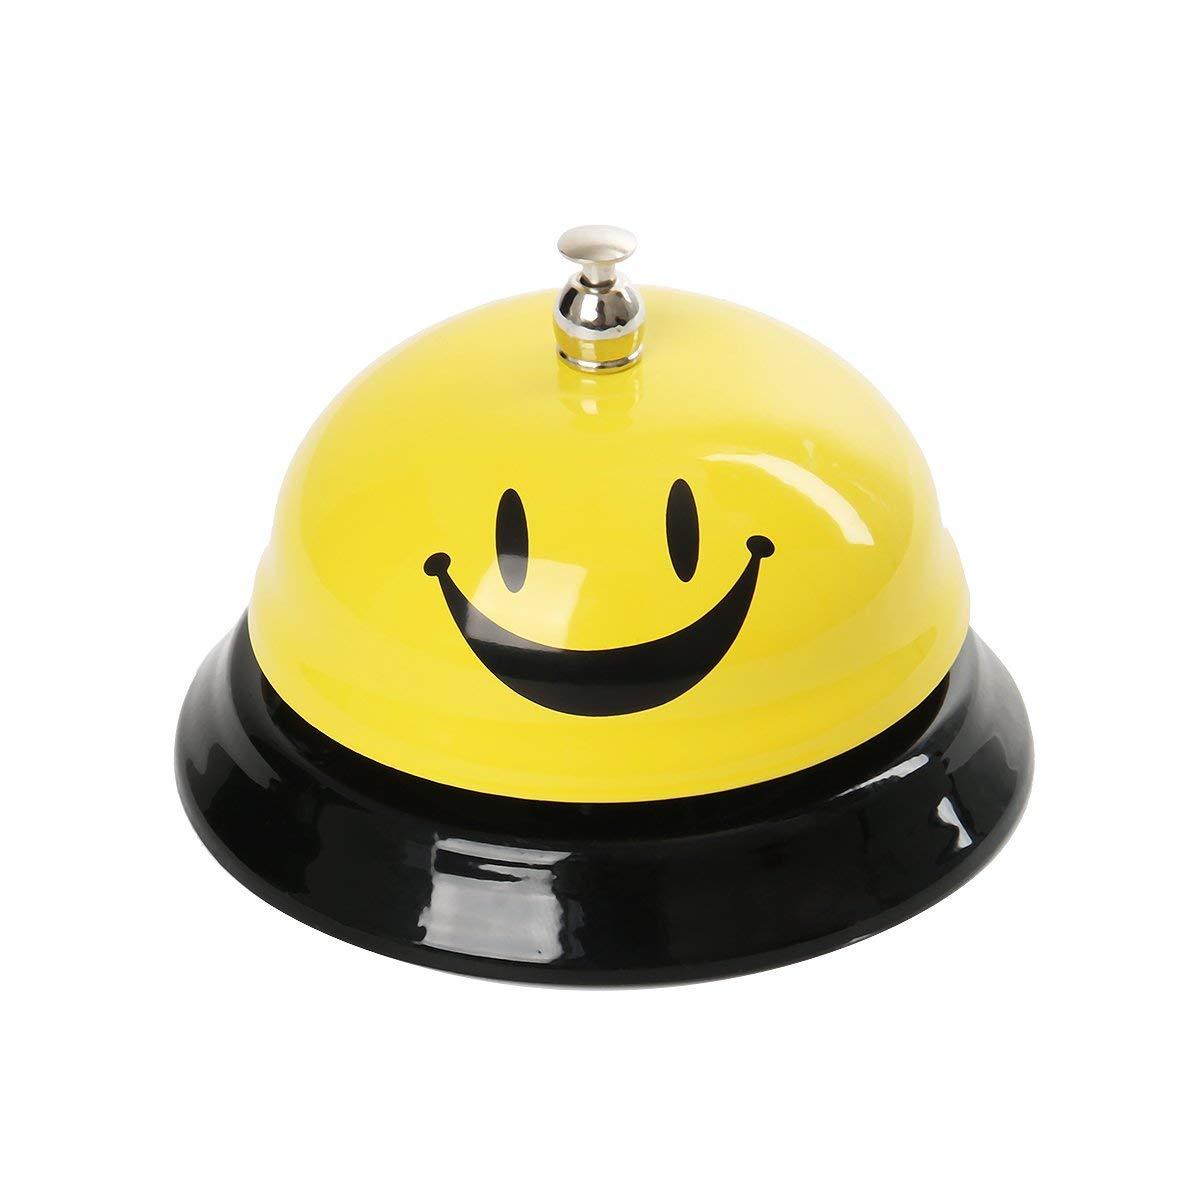 Cuisine H/ôtel Sonnette de Comptoir Cloche d/'Appel Sonnette de R/éception pour Restaurant Funhoo Sonnette de Service avec Emoji Smileys Visage Bar